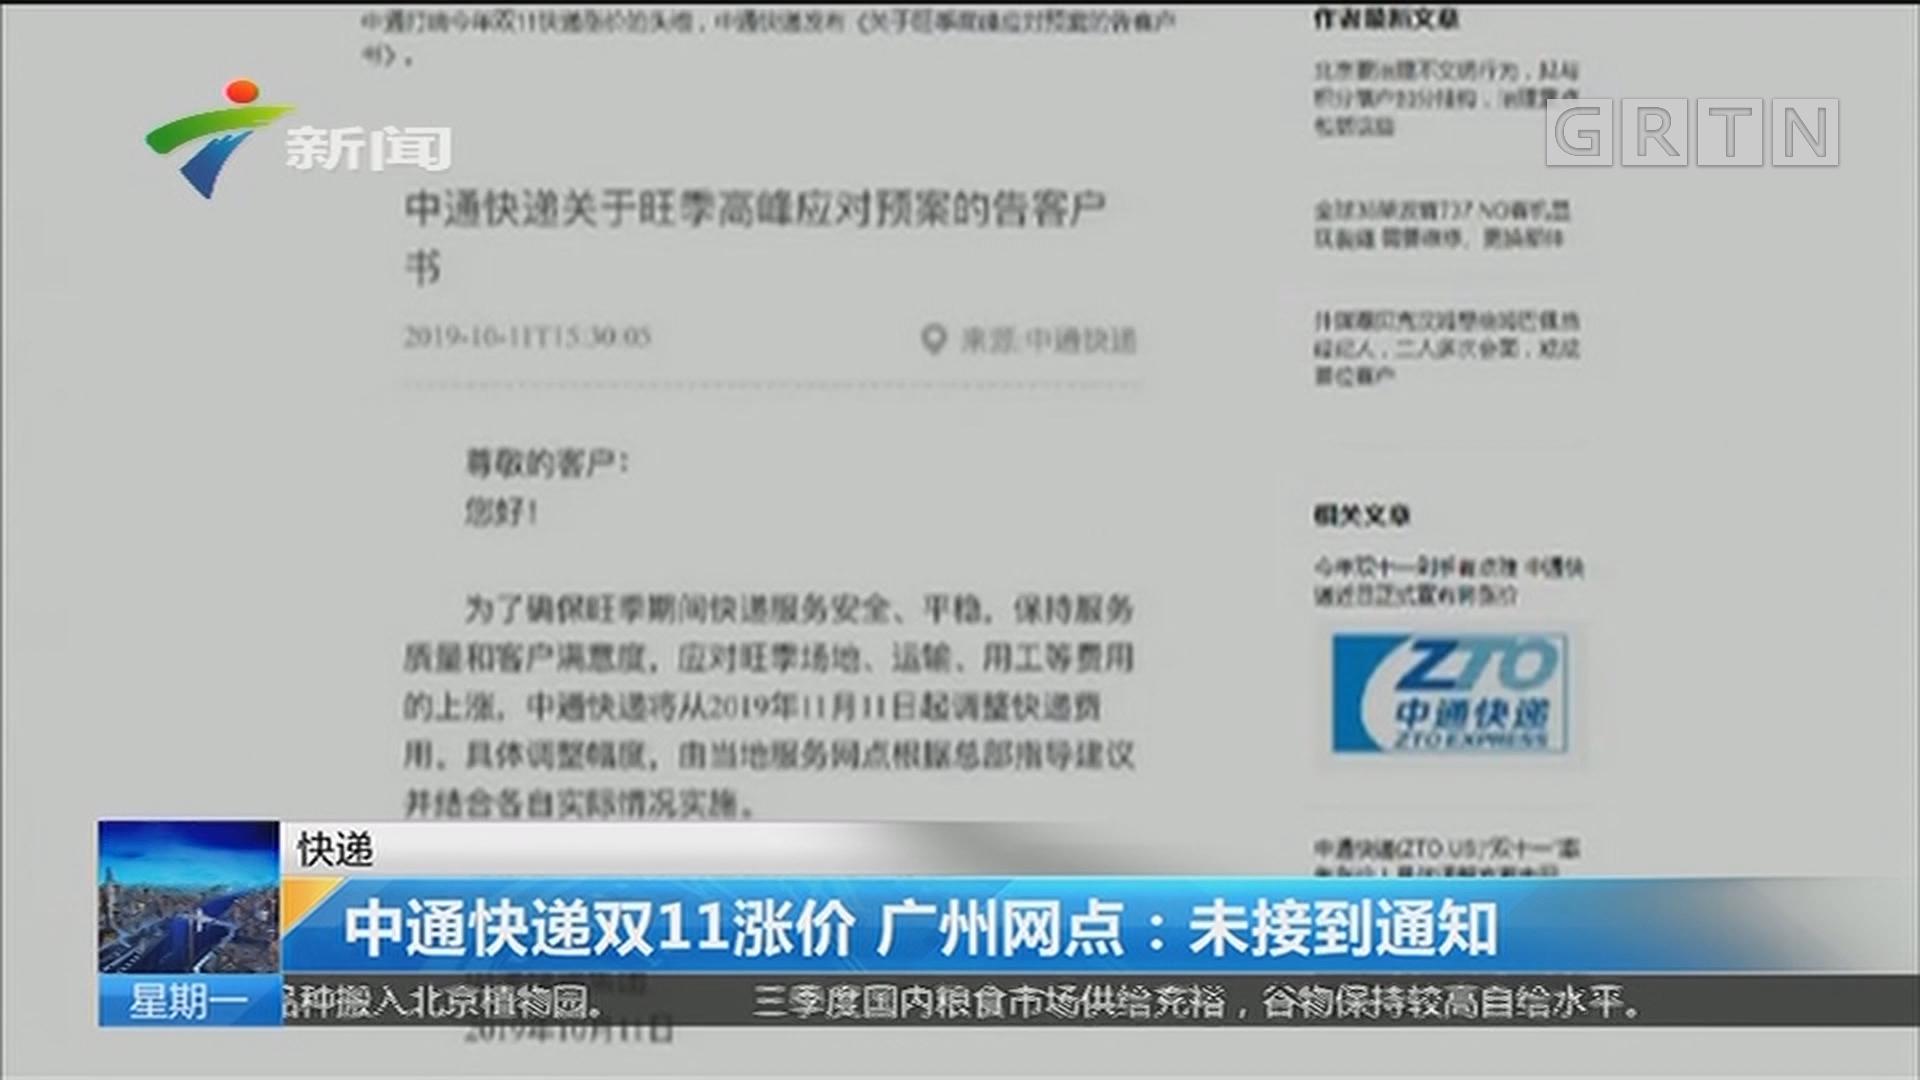 快递:中通快递双11涨价 广州网点:未接到通知